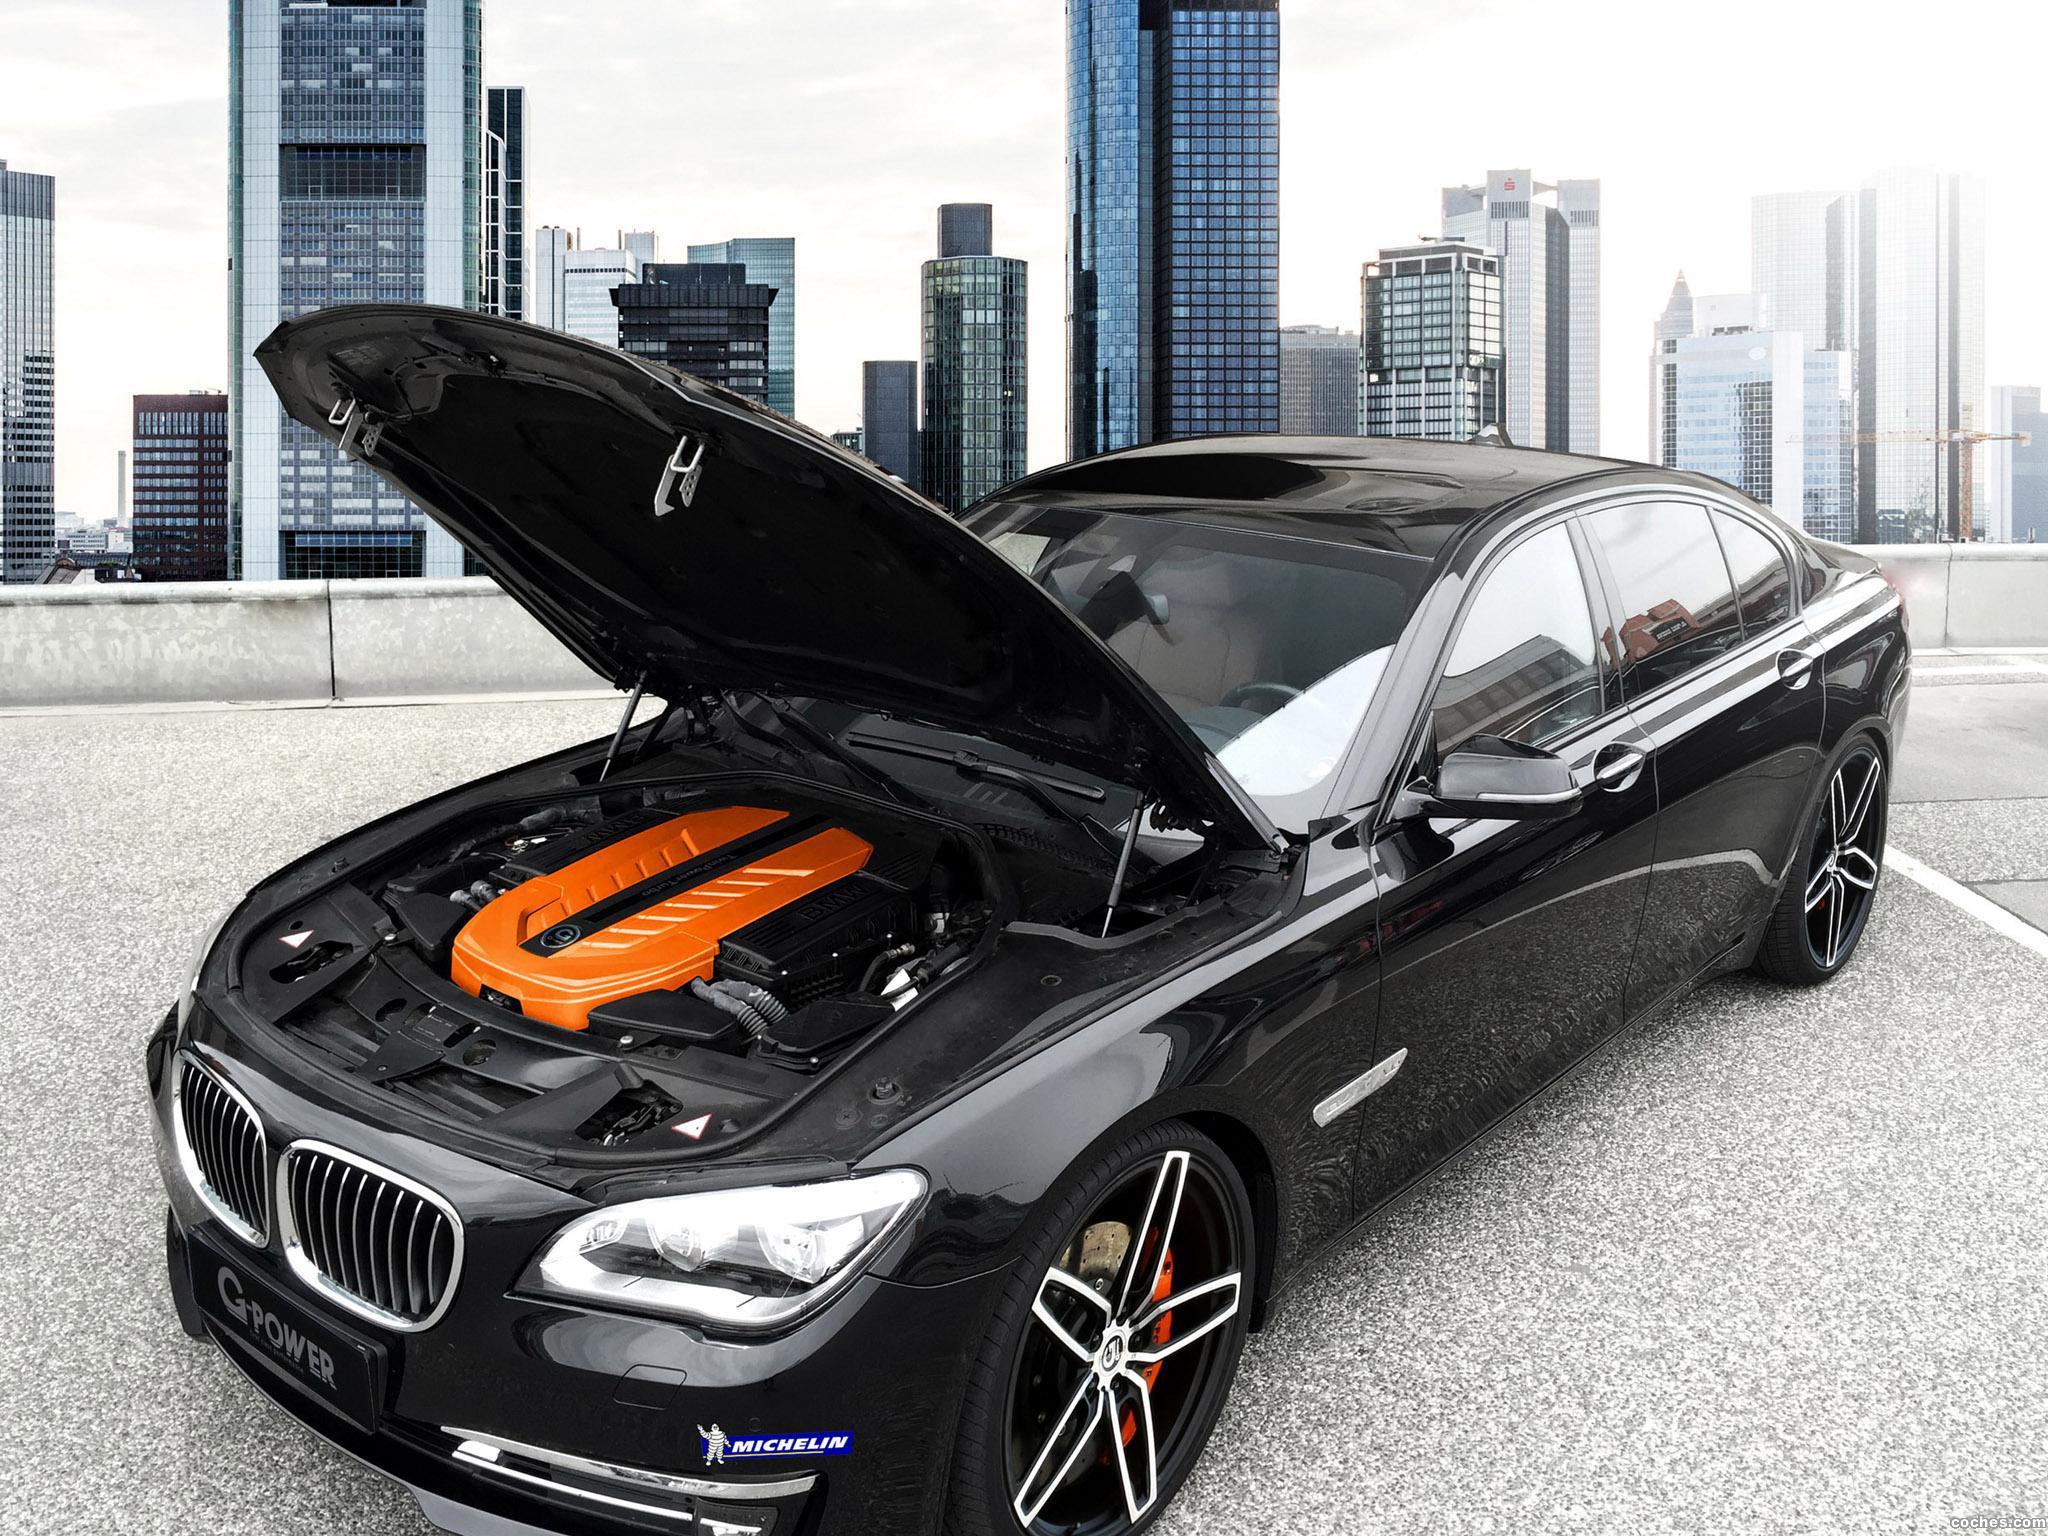 Foto 1 de G-power BMW 760i F01 2015